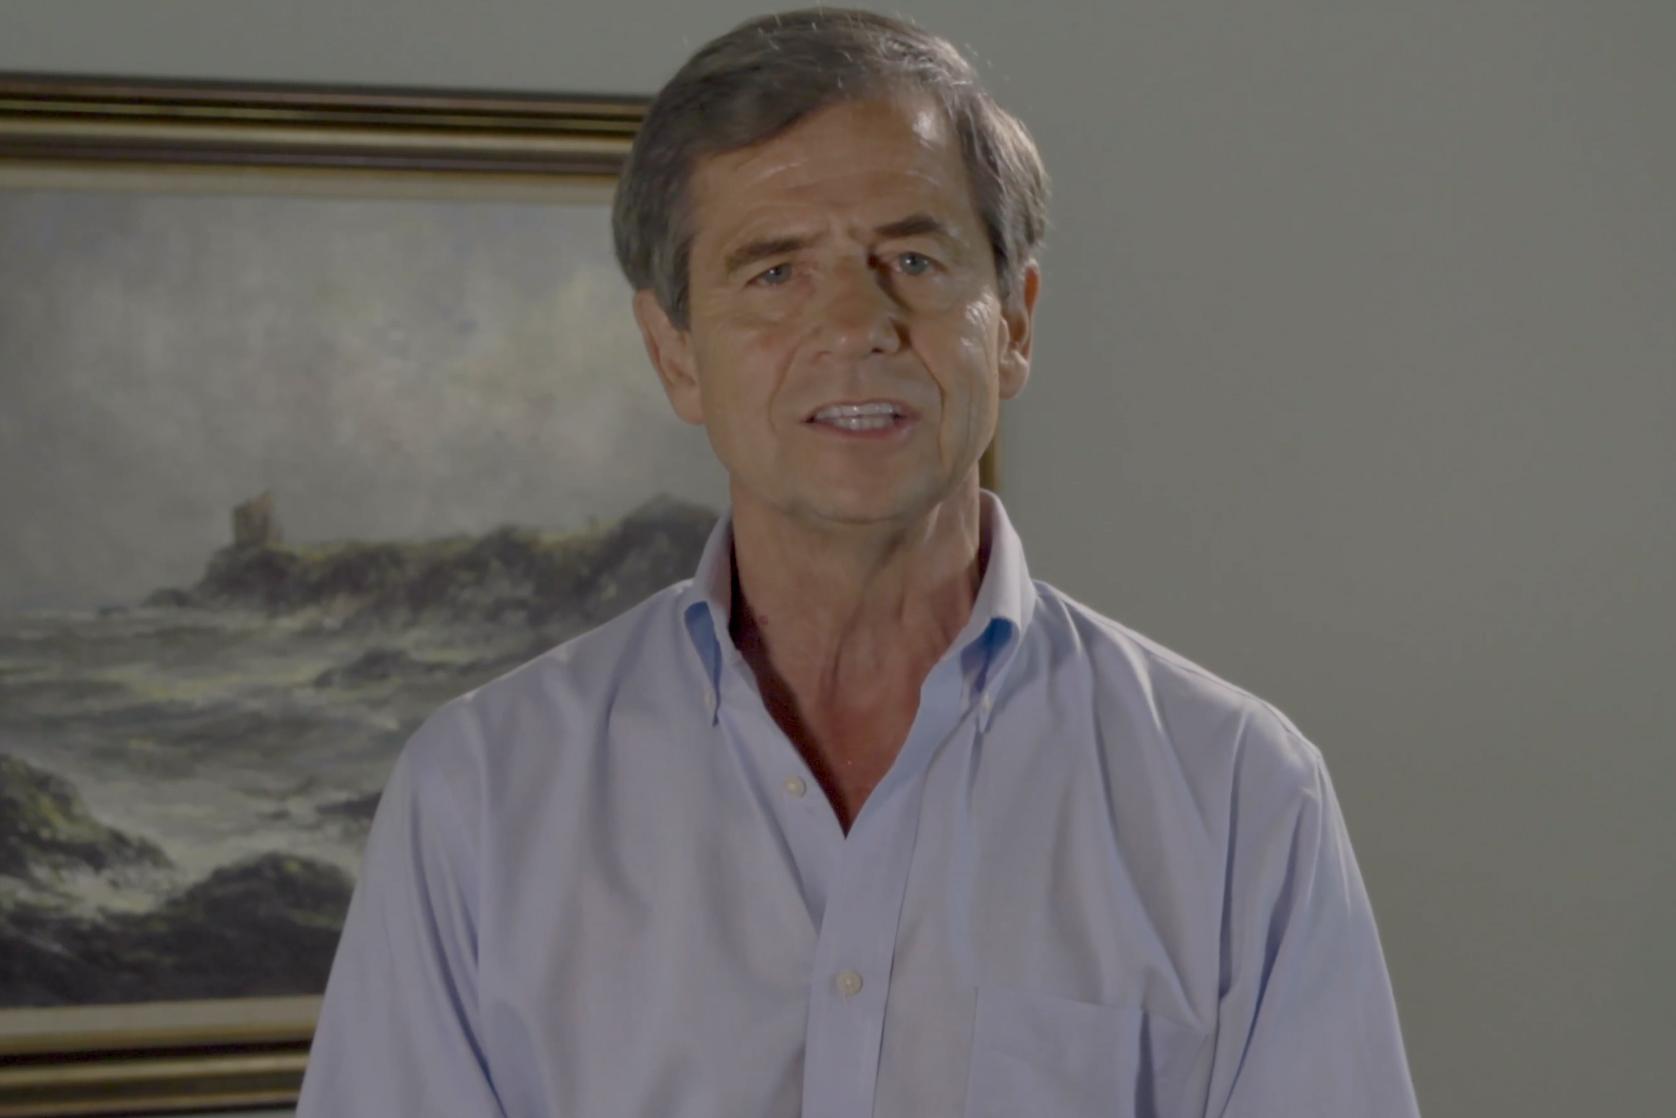 Former Rep. Joe Sestak Announces He's Running for President